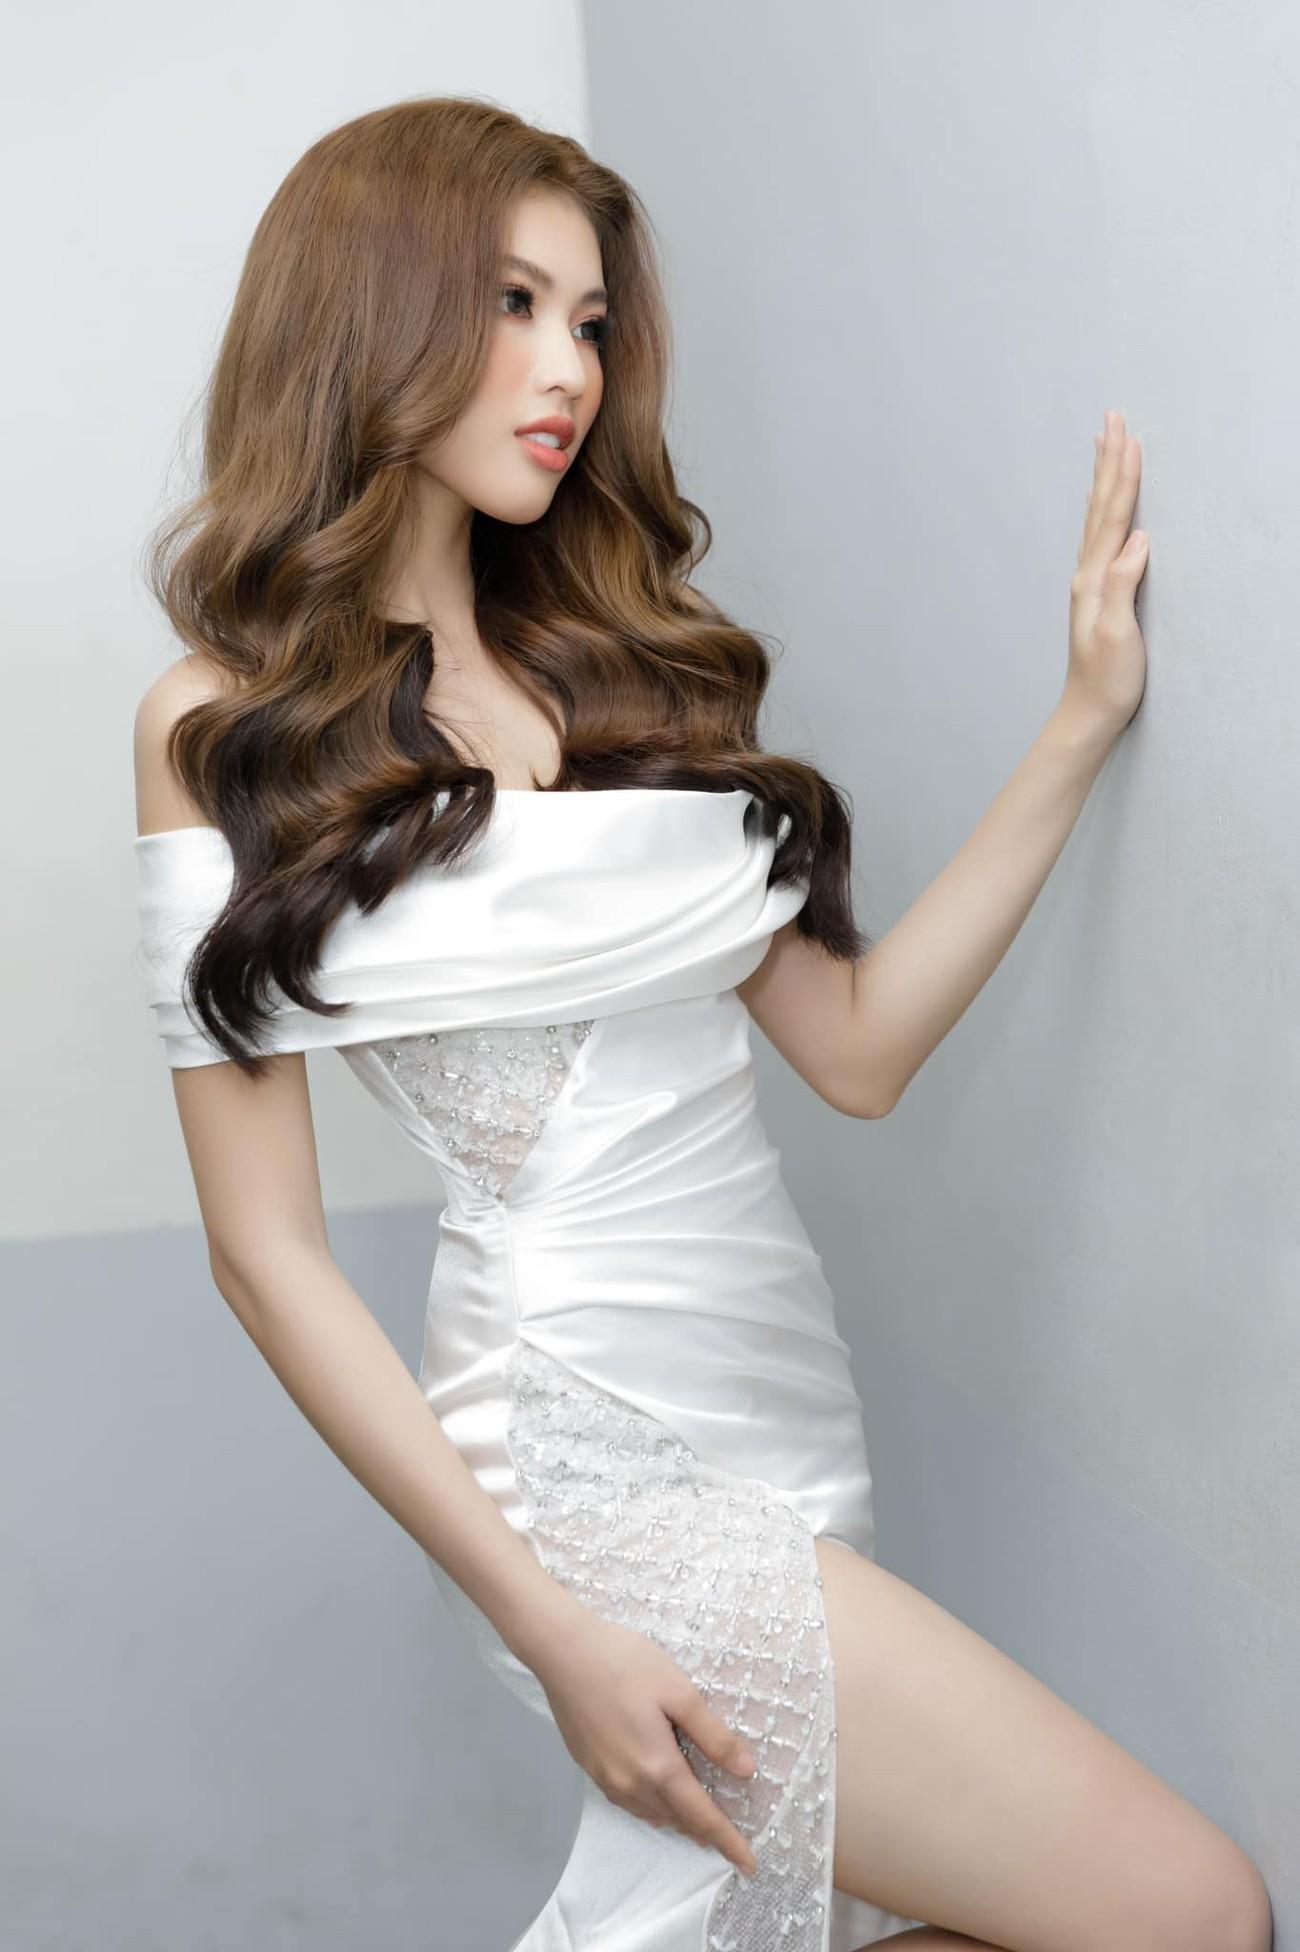 Á hậu Ngọc Thảo diện váy xẻ khoe đôi chân dài 1m11 ảnh 2